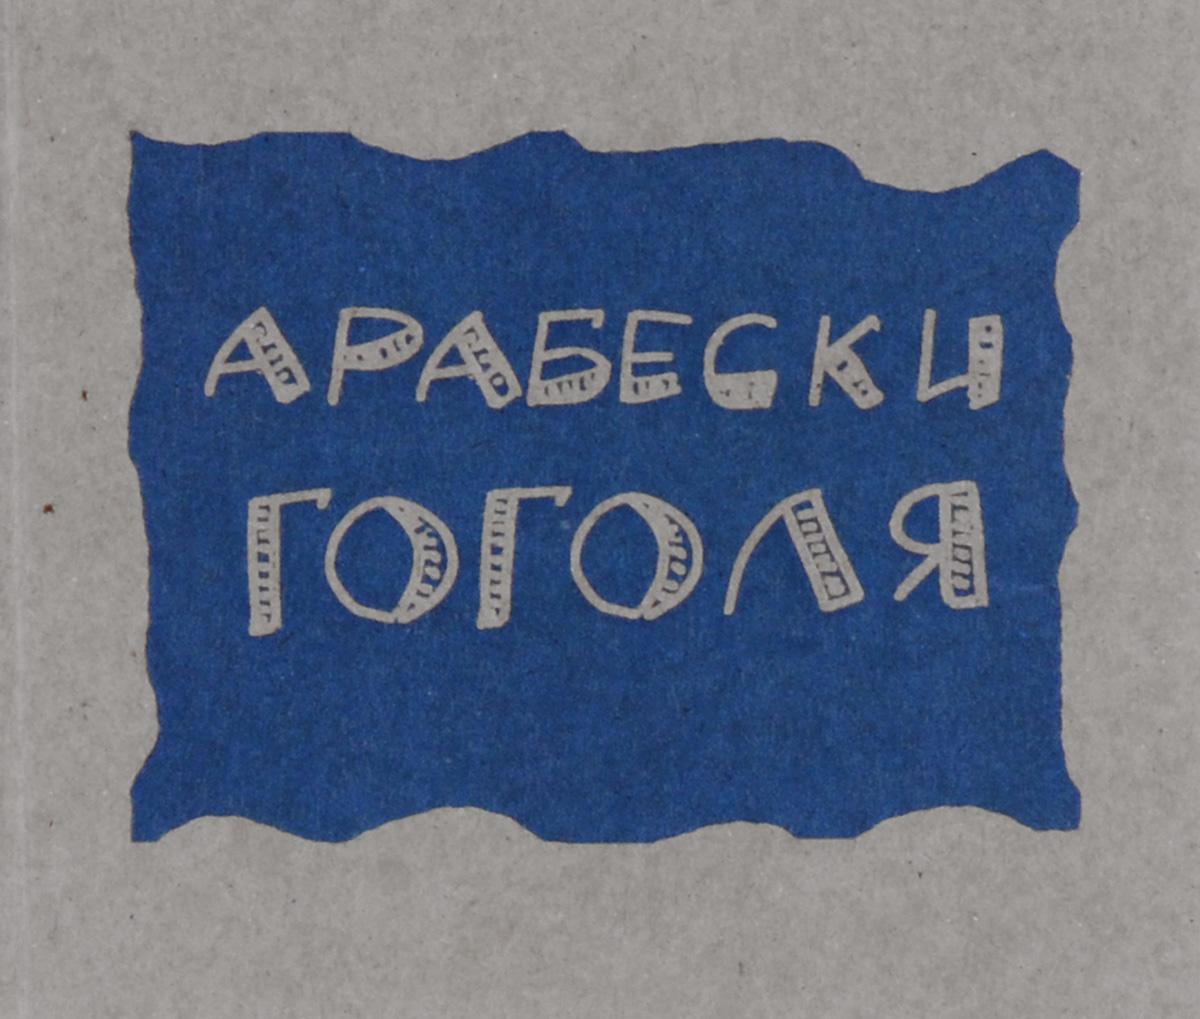 Н. В. Гоголь Арабески (миниатюрное издание) н в гоголь н в гоголь собрание художественных произведений в 5 томах том 4